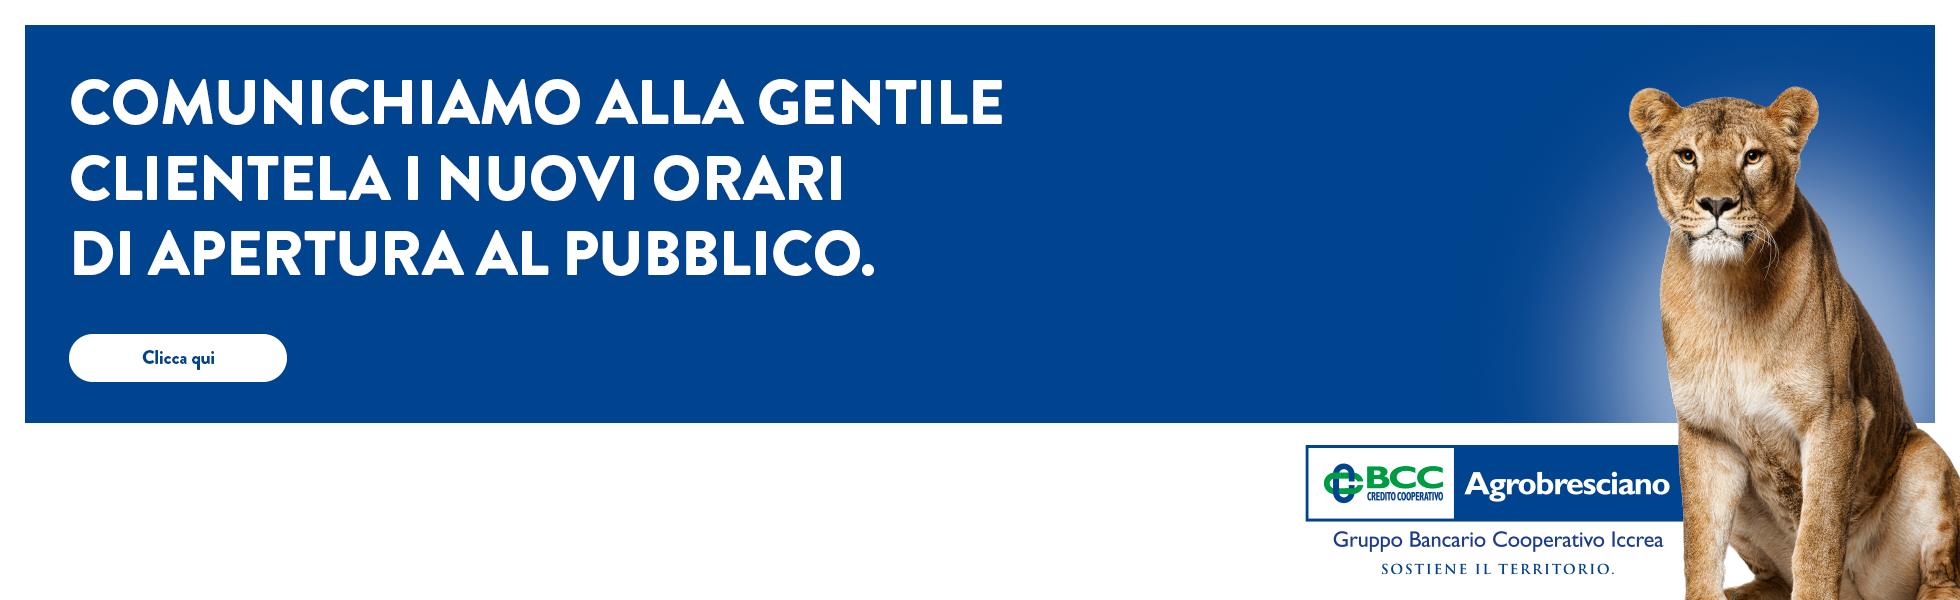 Banner Avviso e orari filiali Agrobresciano